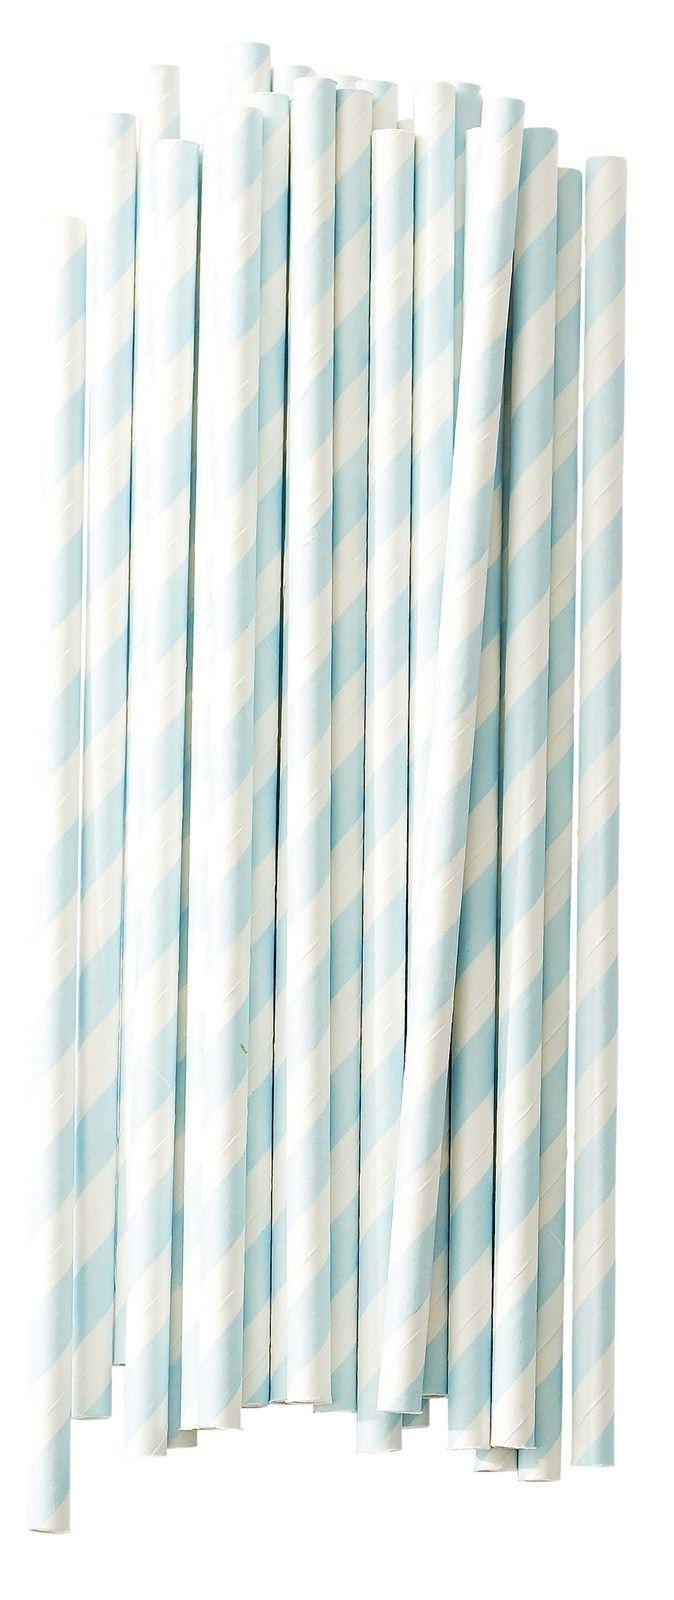 Miss Etoile sugerør blå striper miss etoile #missetoile